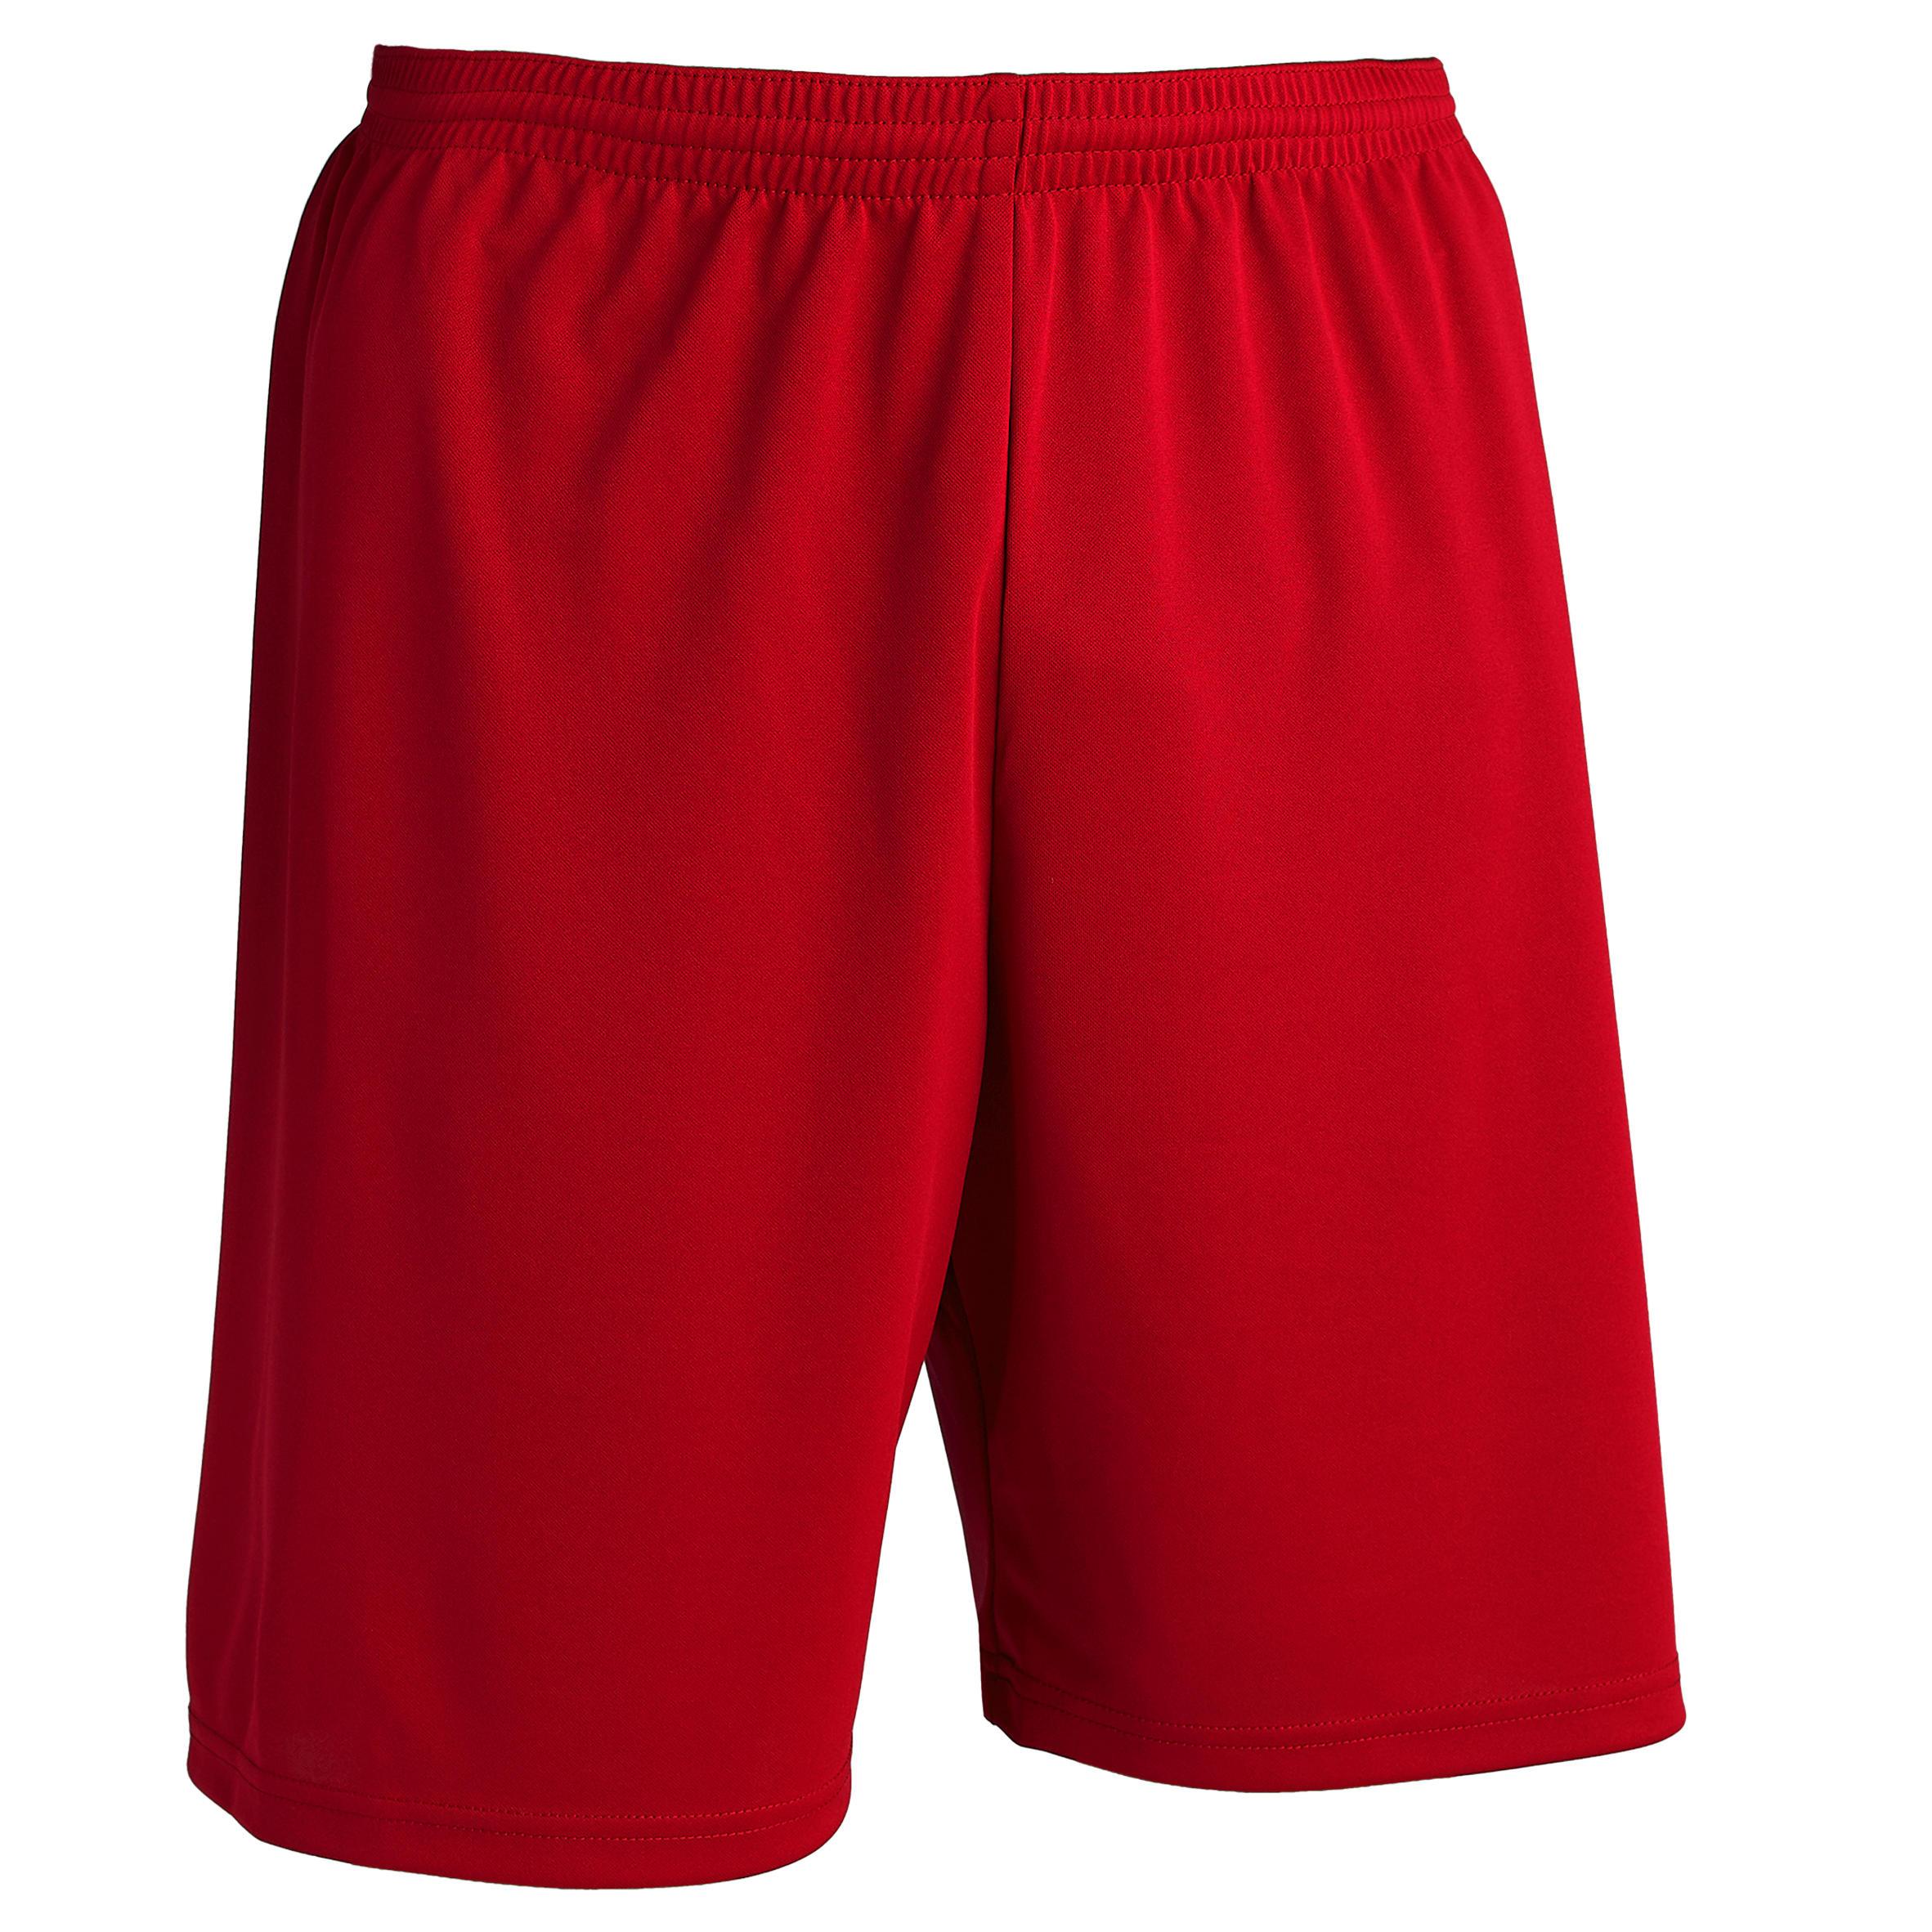 Fußballshorts F100 Erwachsene | Sportbekleidung > Sporthosen > Fußballhosen | Kipsta